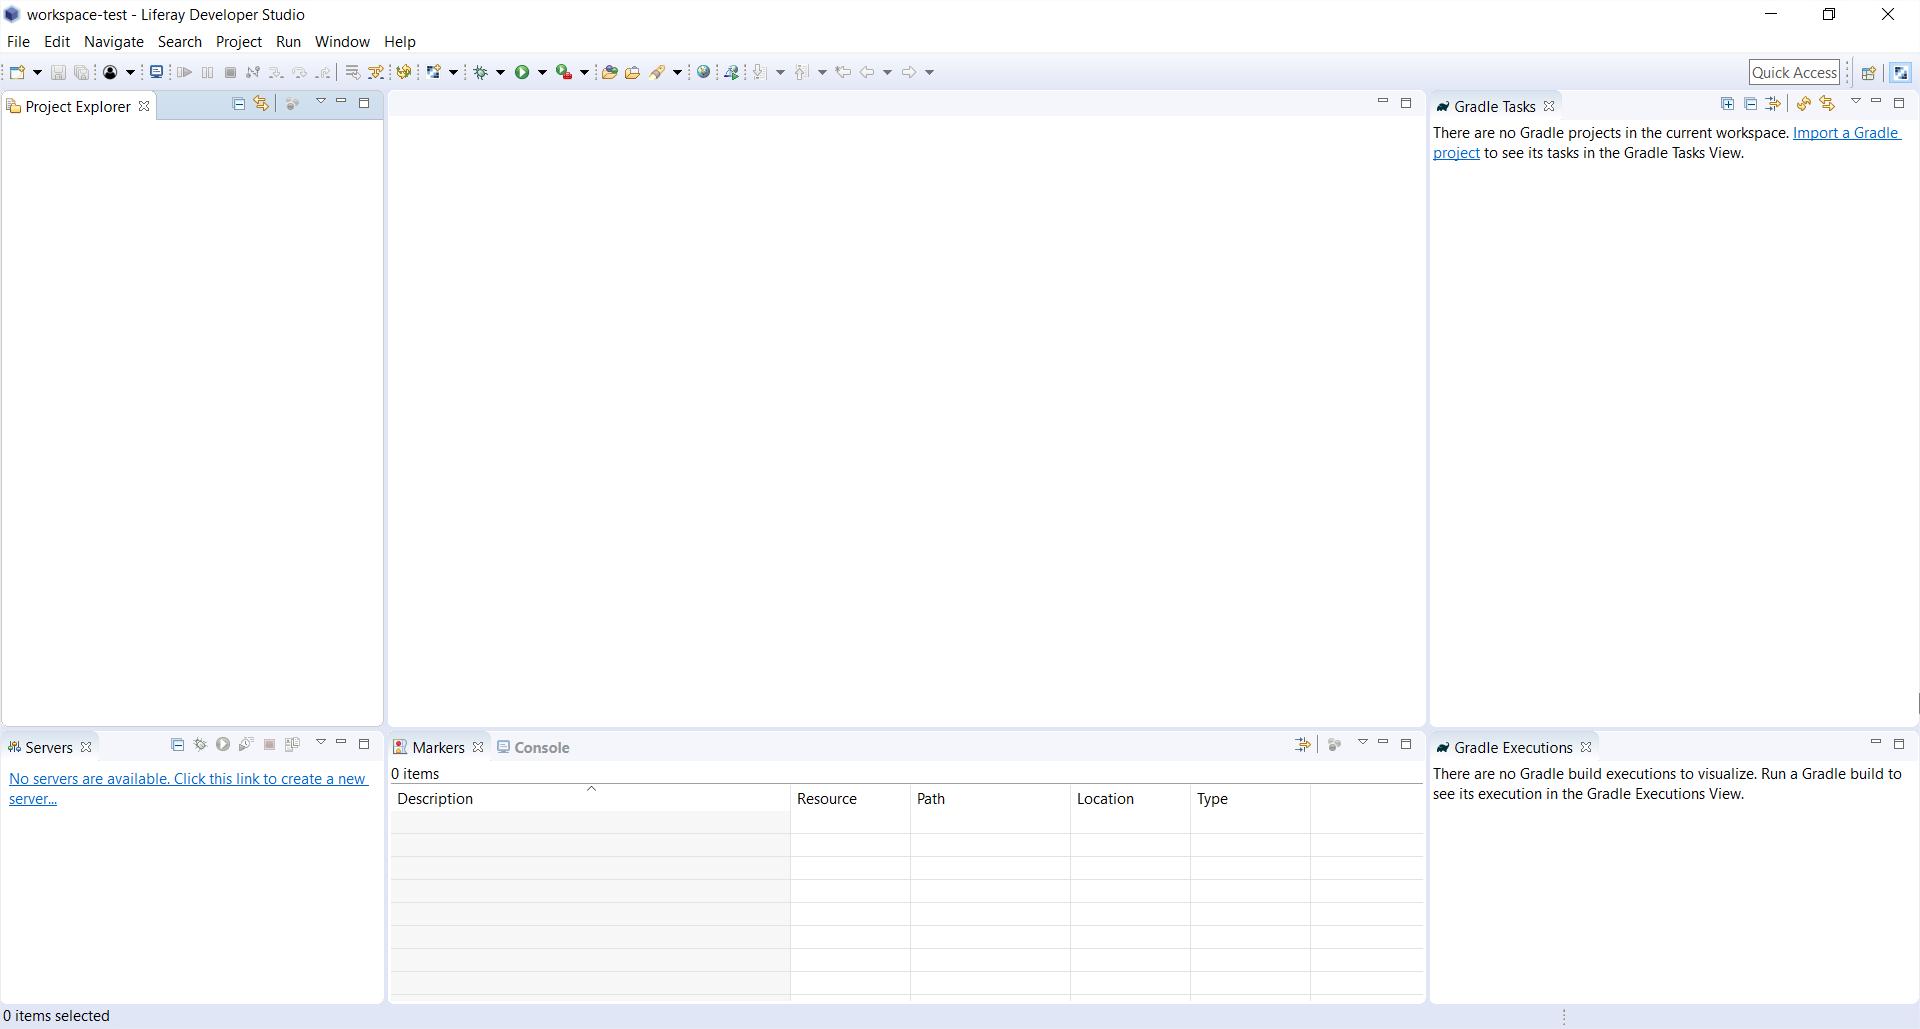 Configuración del Liferay Developer Studio: apariencia del IDE